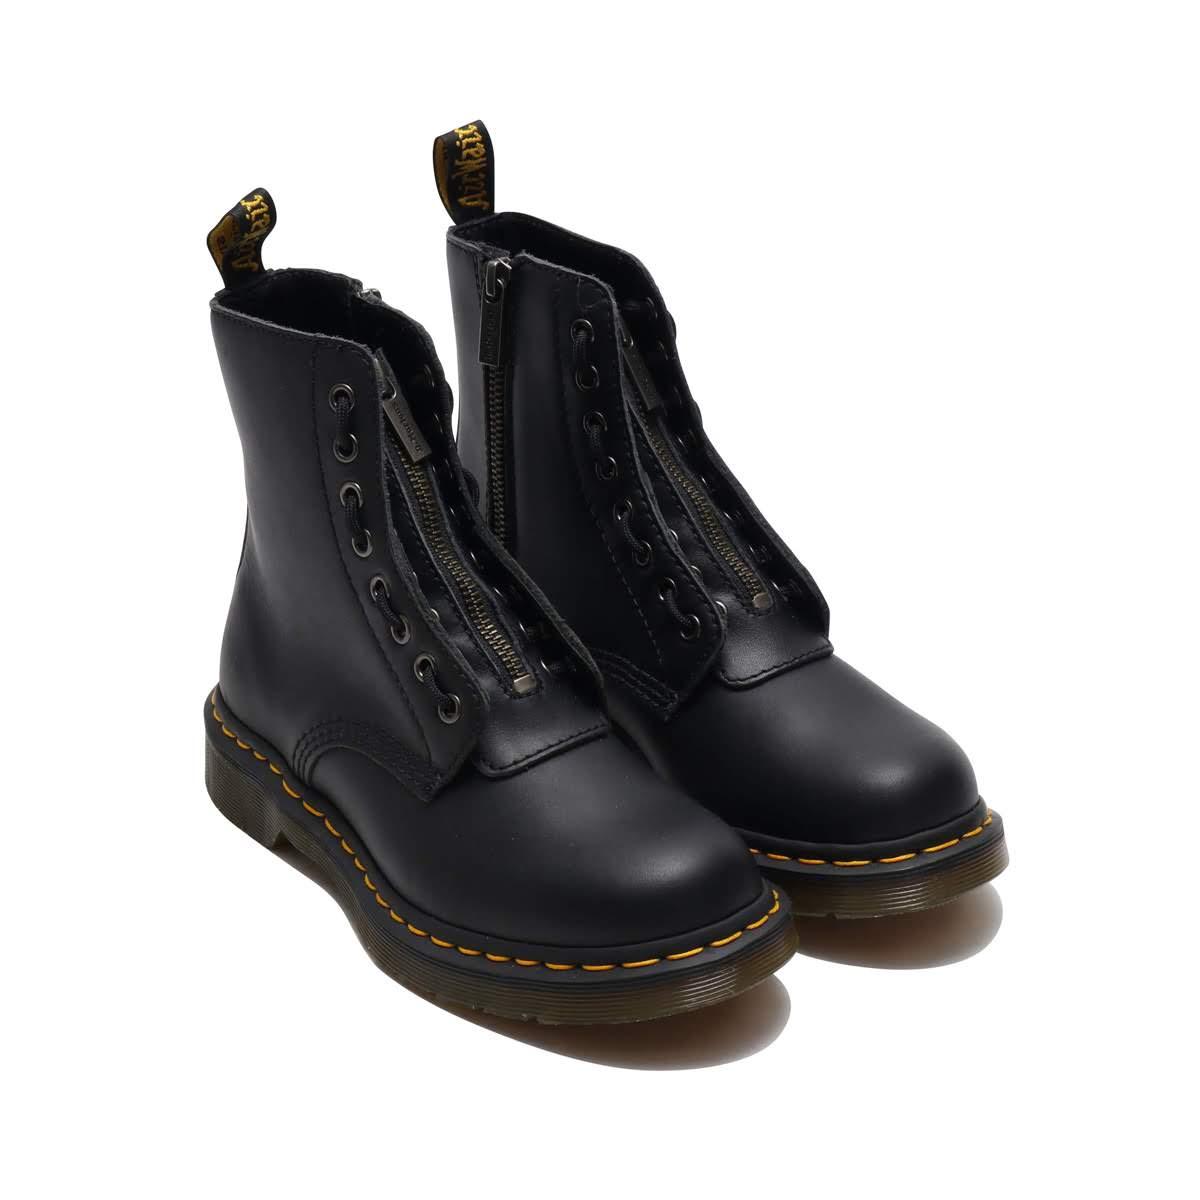 Dr.Martens 1460 Pascal Frnt Zip (ドクターマーチン 1460 パスカル フロントジップ)Black【メンズ レディース ブーツ】18FW-I